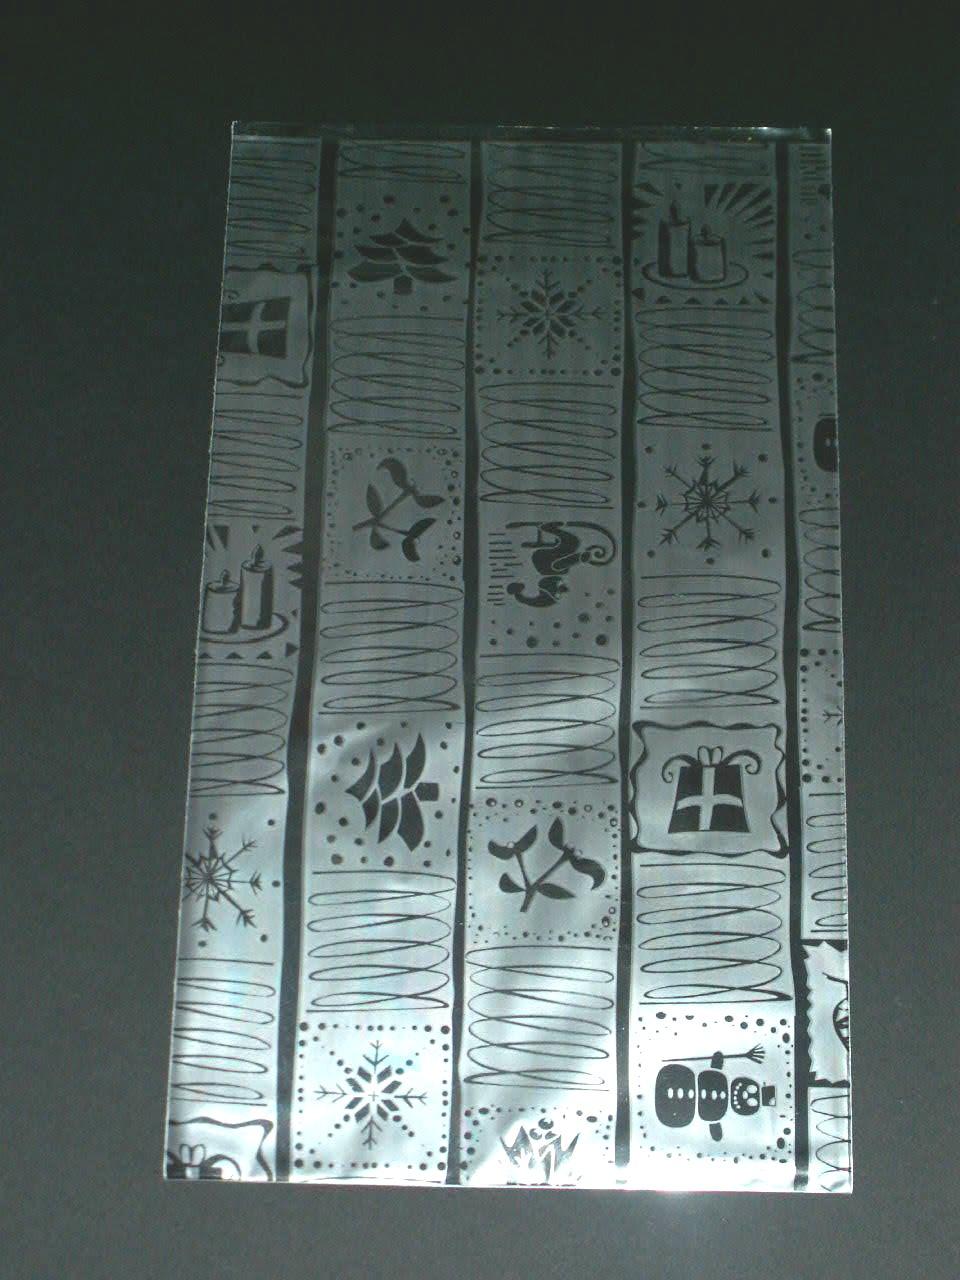 Lesklé stříbrné polypropylenové sáčky o rozměrech 20 x 35 cm. Zadní zlatá stěna má na sobě zlatý metal tisk s vánočními motivy (balíček, jmelí, stromeček, svíčky apod.), přední stěna je transparentní.